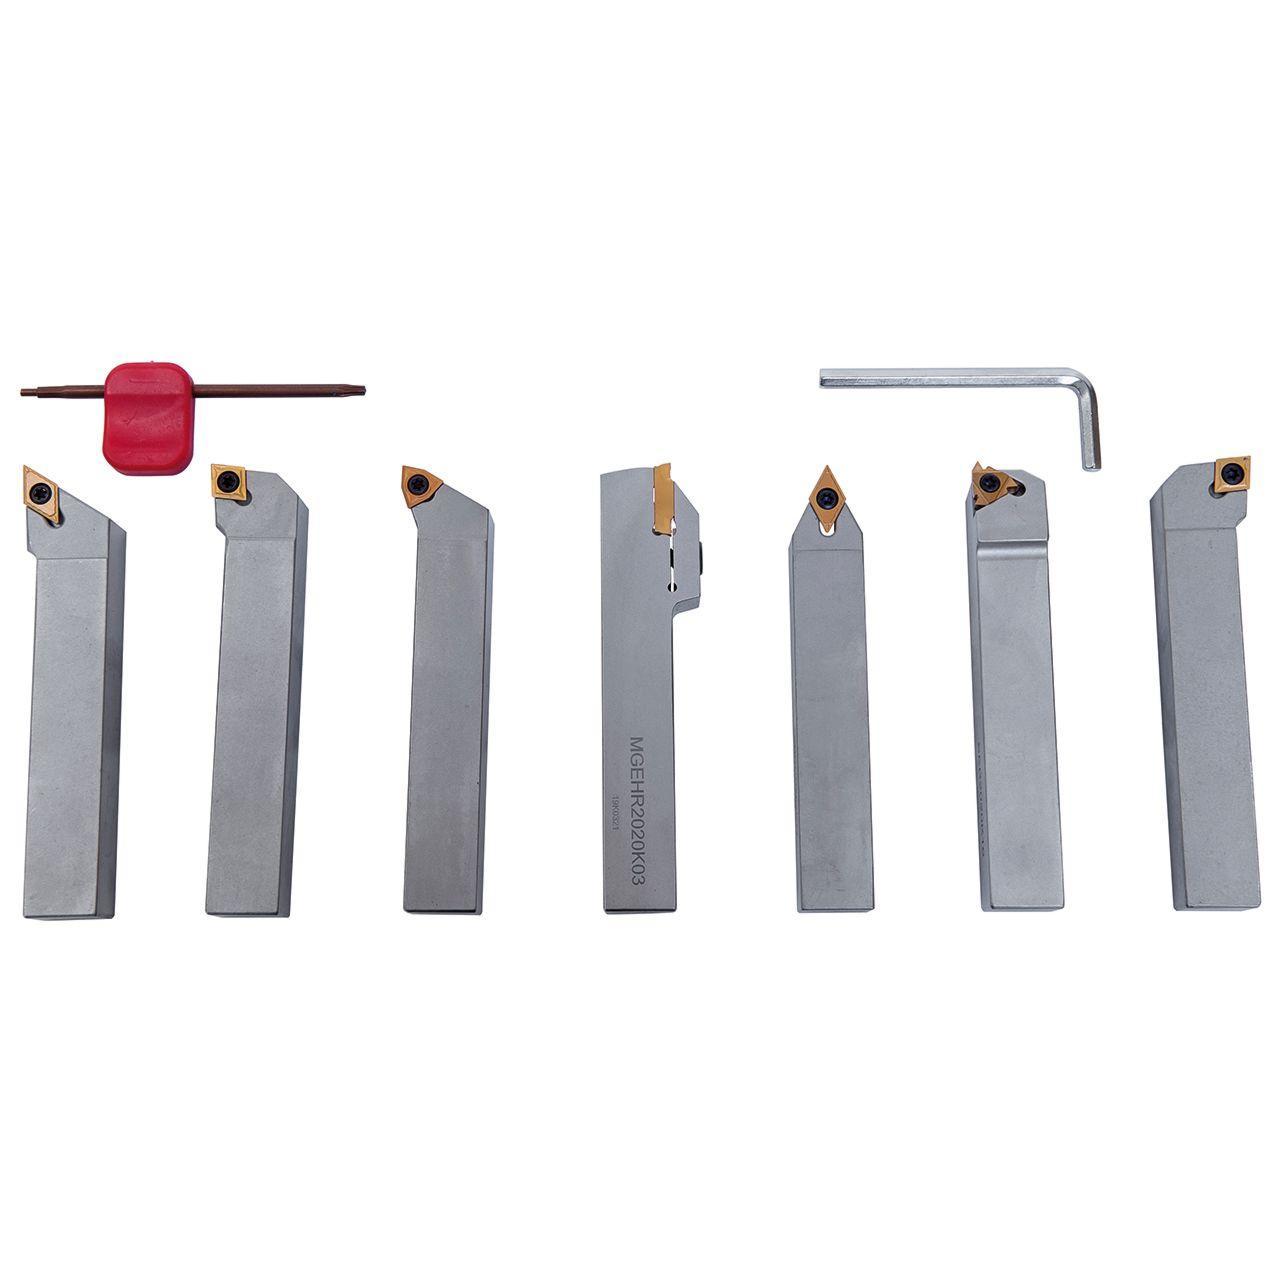 Набор токарного инструмента с твердосплавными пластинами, 20 мм, набор P